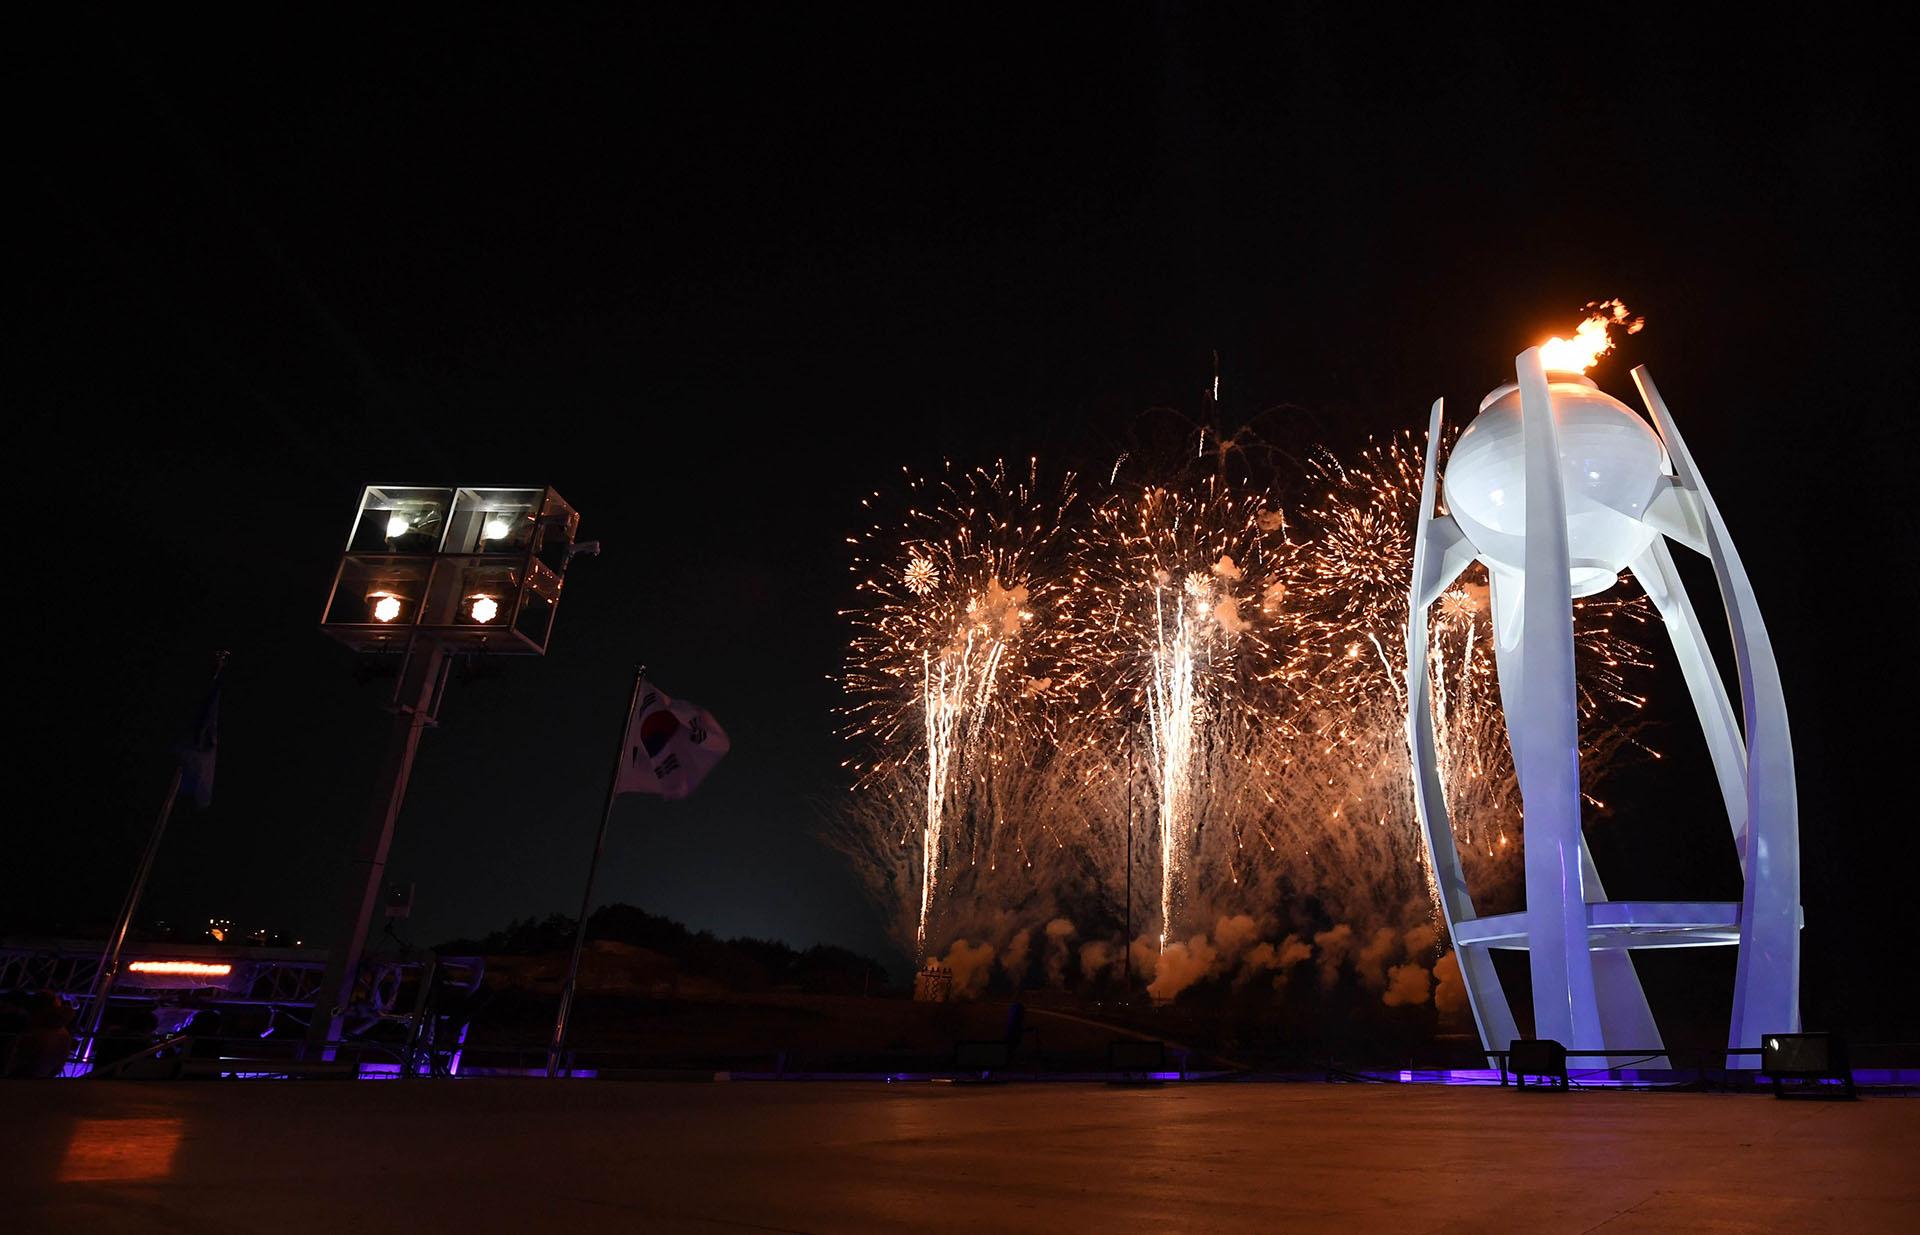 La ceremonia de clausura de la edición 23 de los Juegos Olímpicos de Invierno comenzó este domingo en el estadio olímpico de Pyeongchang